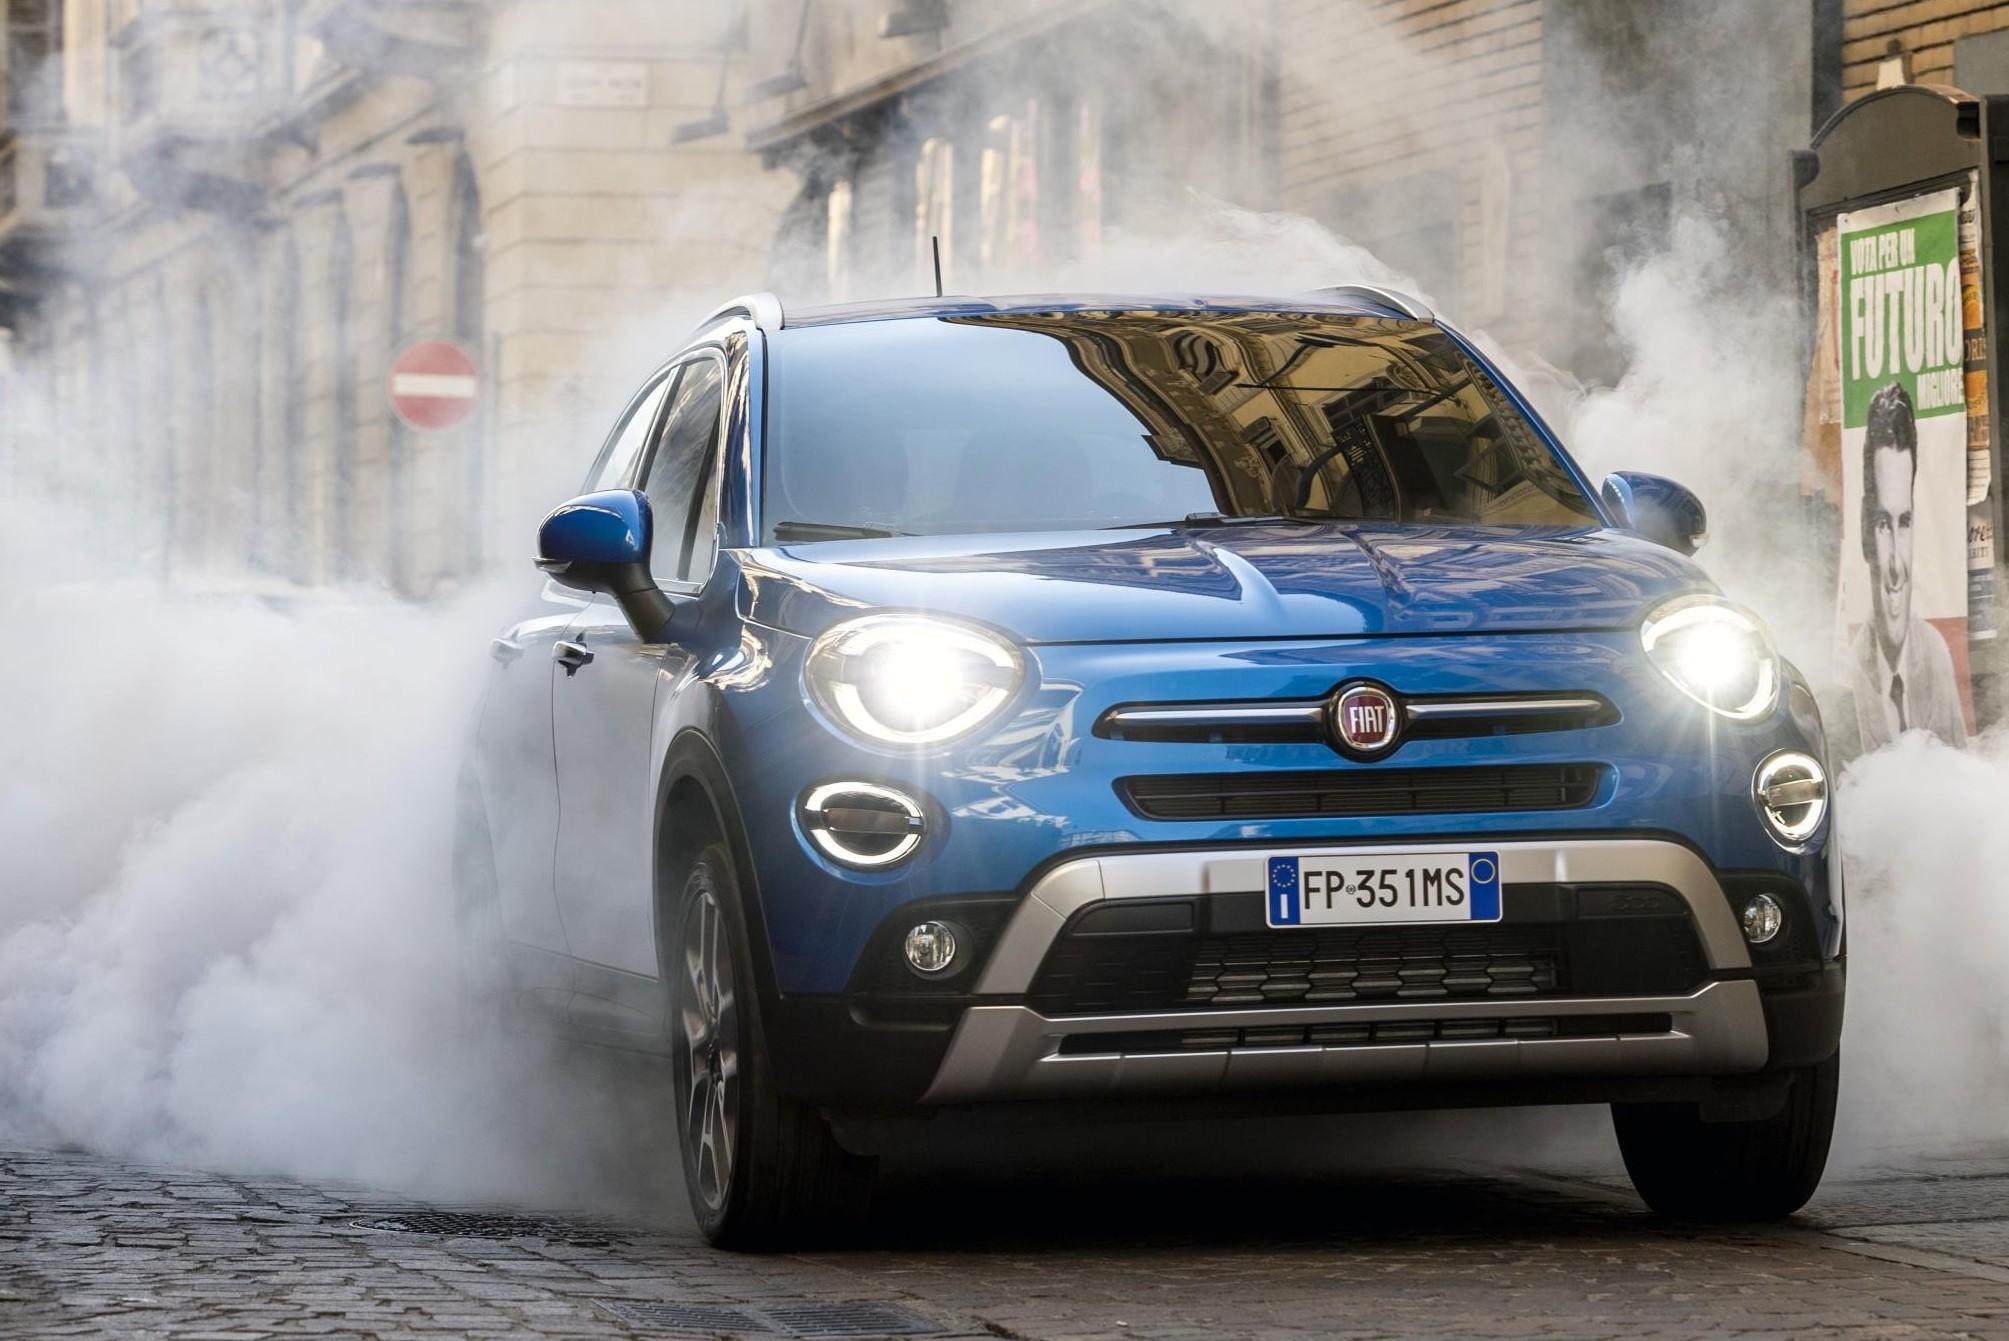 Sconti e offerte auto Fiat Settembre 201